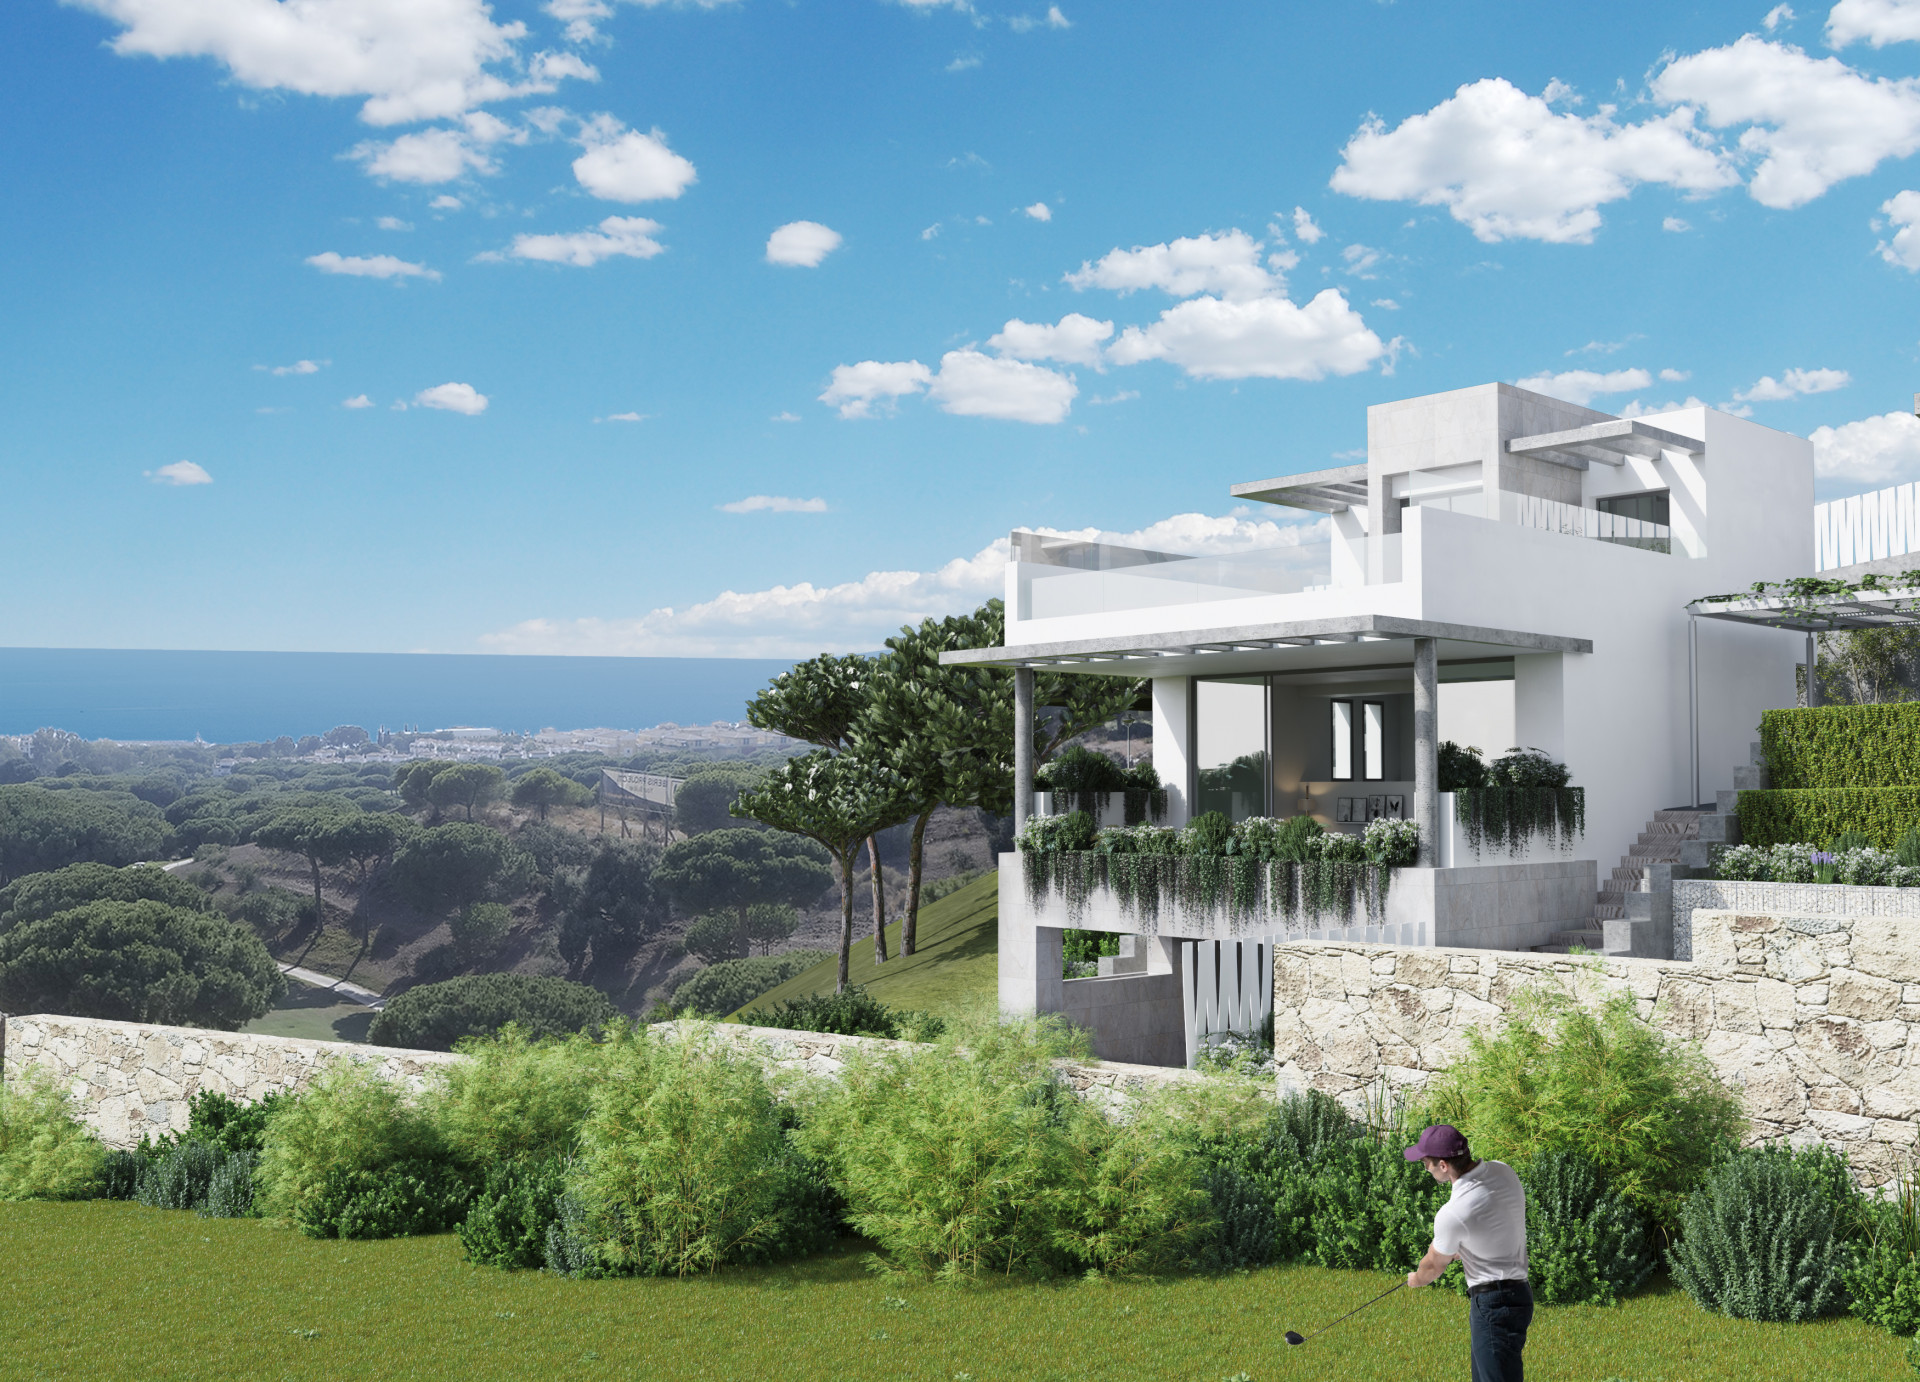 ARFTH127 - 23 Townhäuser und 2 Villen zum Verkauf in Cabopino in Marbella